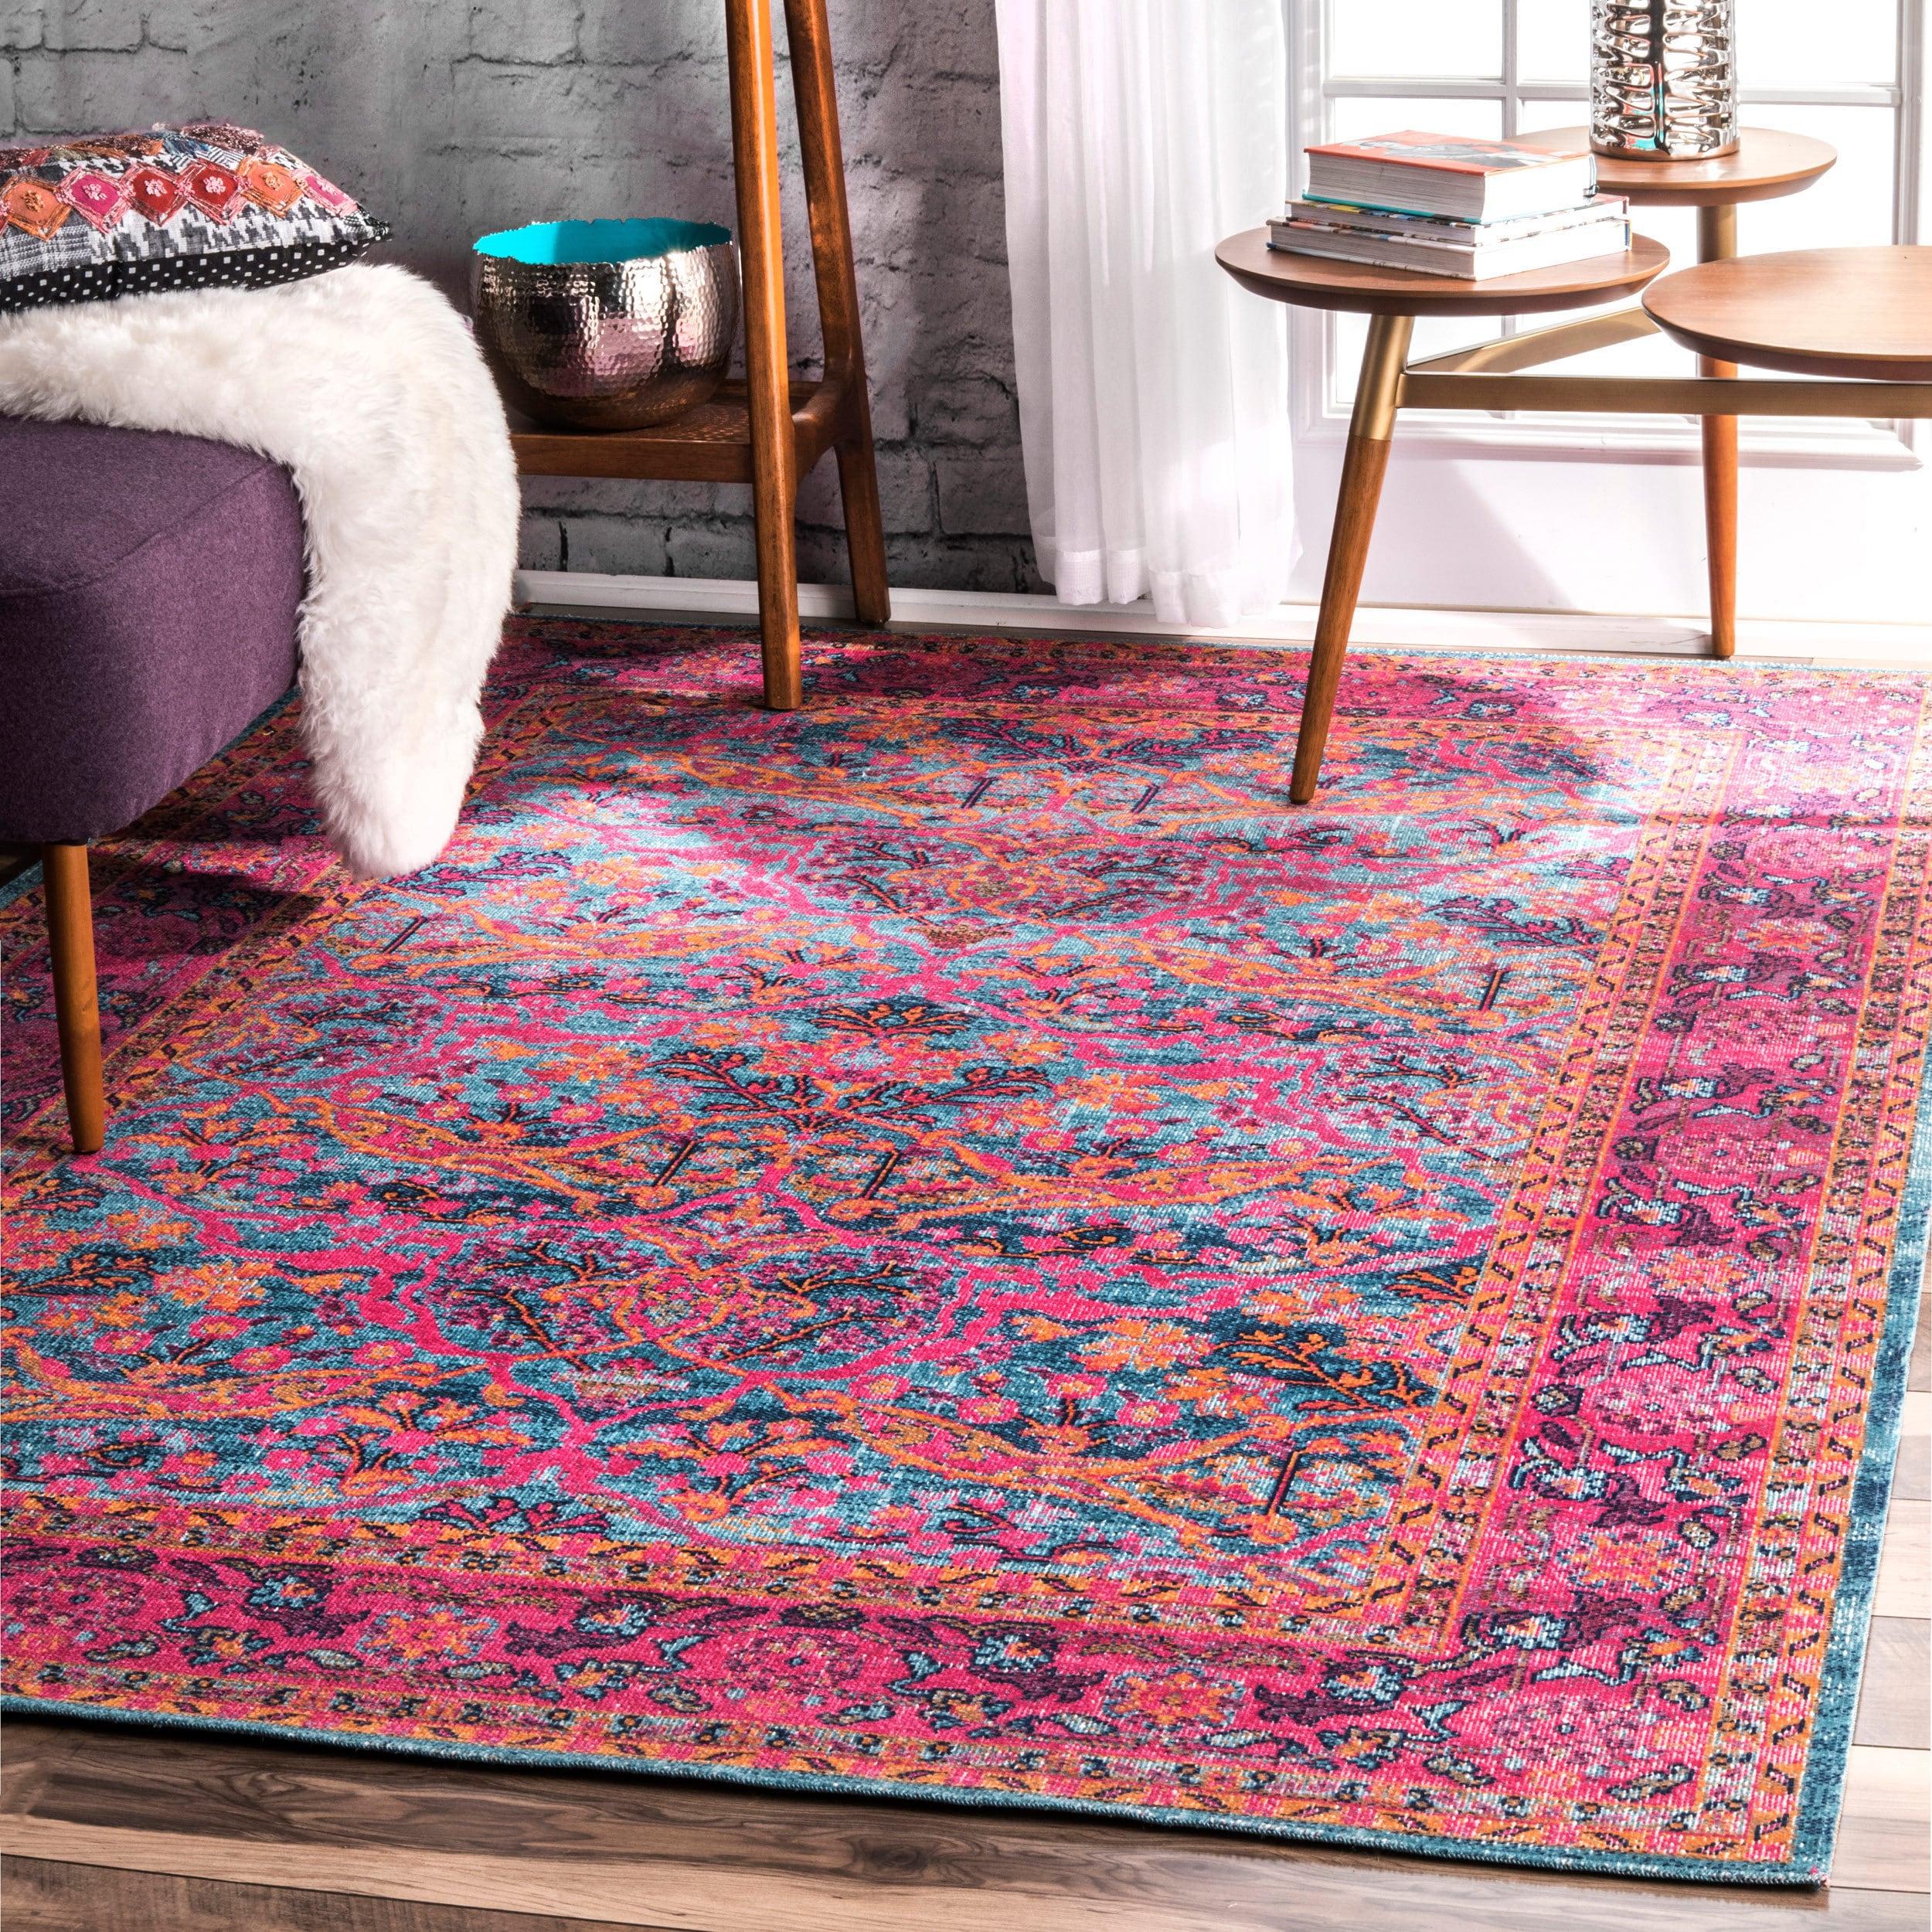 nuLOOM Traditional Floral Pink Rug (4' x 6') (Pink), Oran...